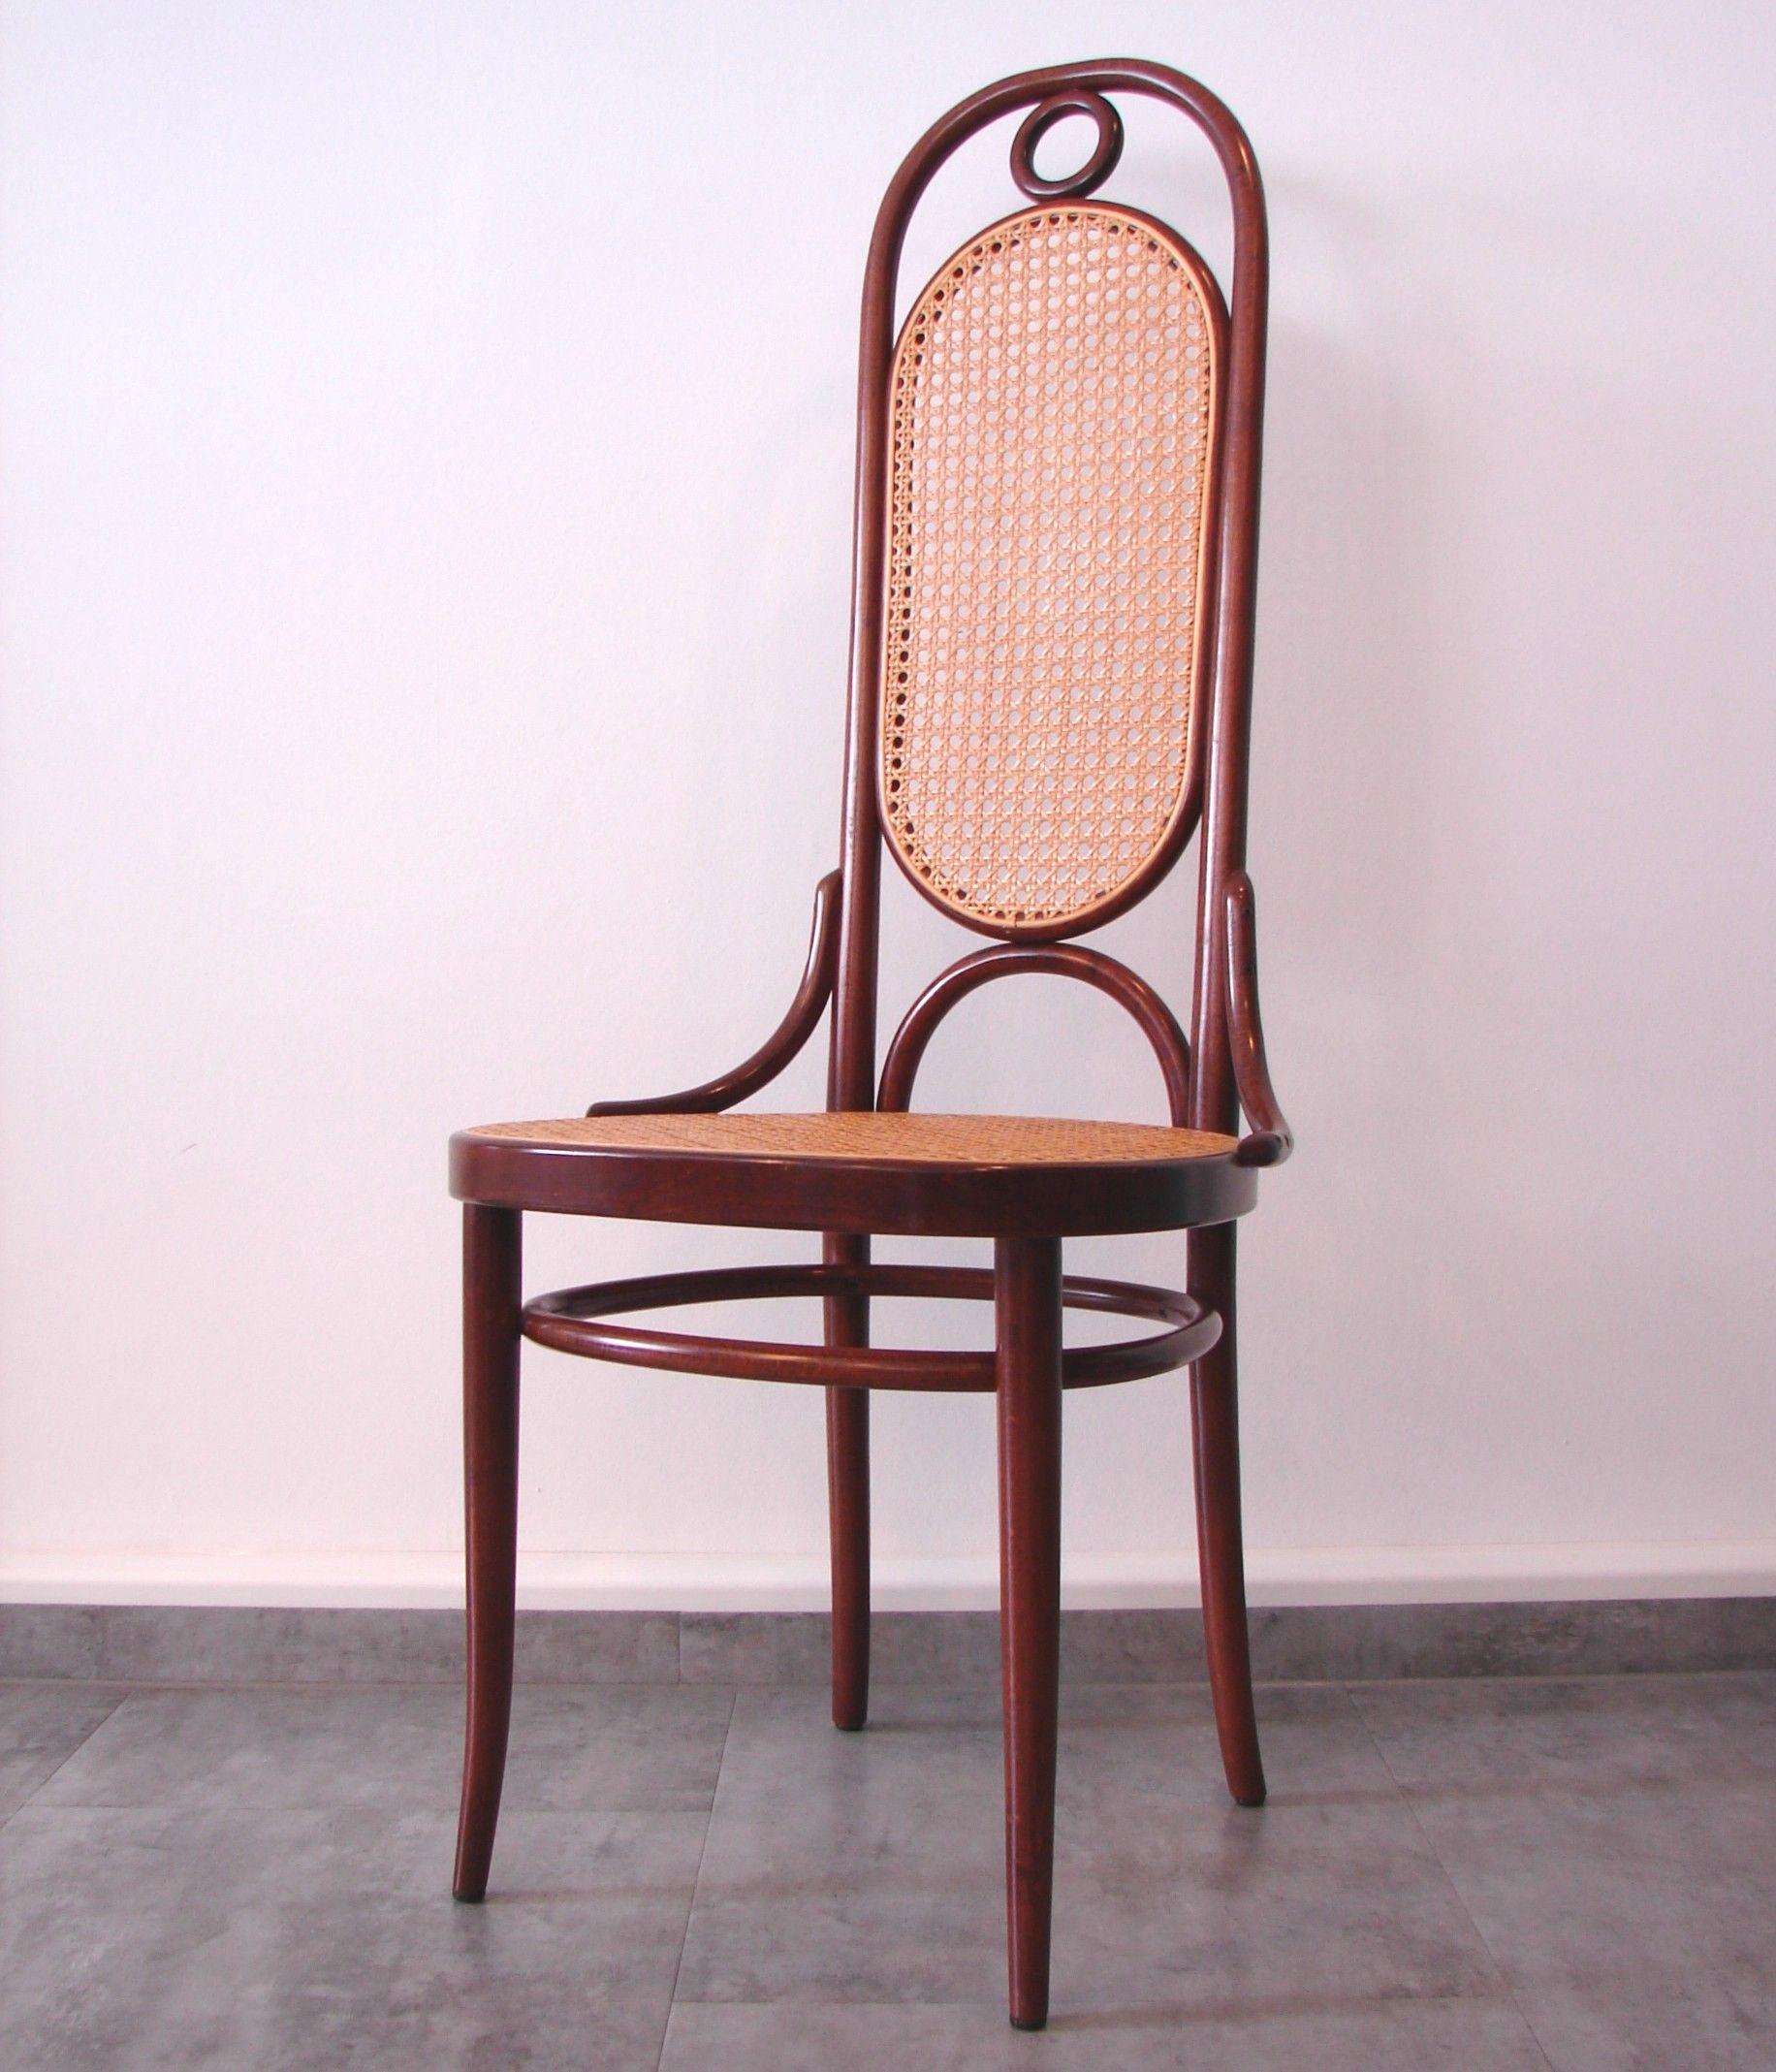 Thonet Hochlehner Bugholz Stuhle Mit Rohrgeflecht Sessel Modell Nr 17 Entwurf Thonet 1862 Papierlabel Pragung Thonet 84 Sehr Guter Zustan Sessel Stuhle Holz